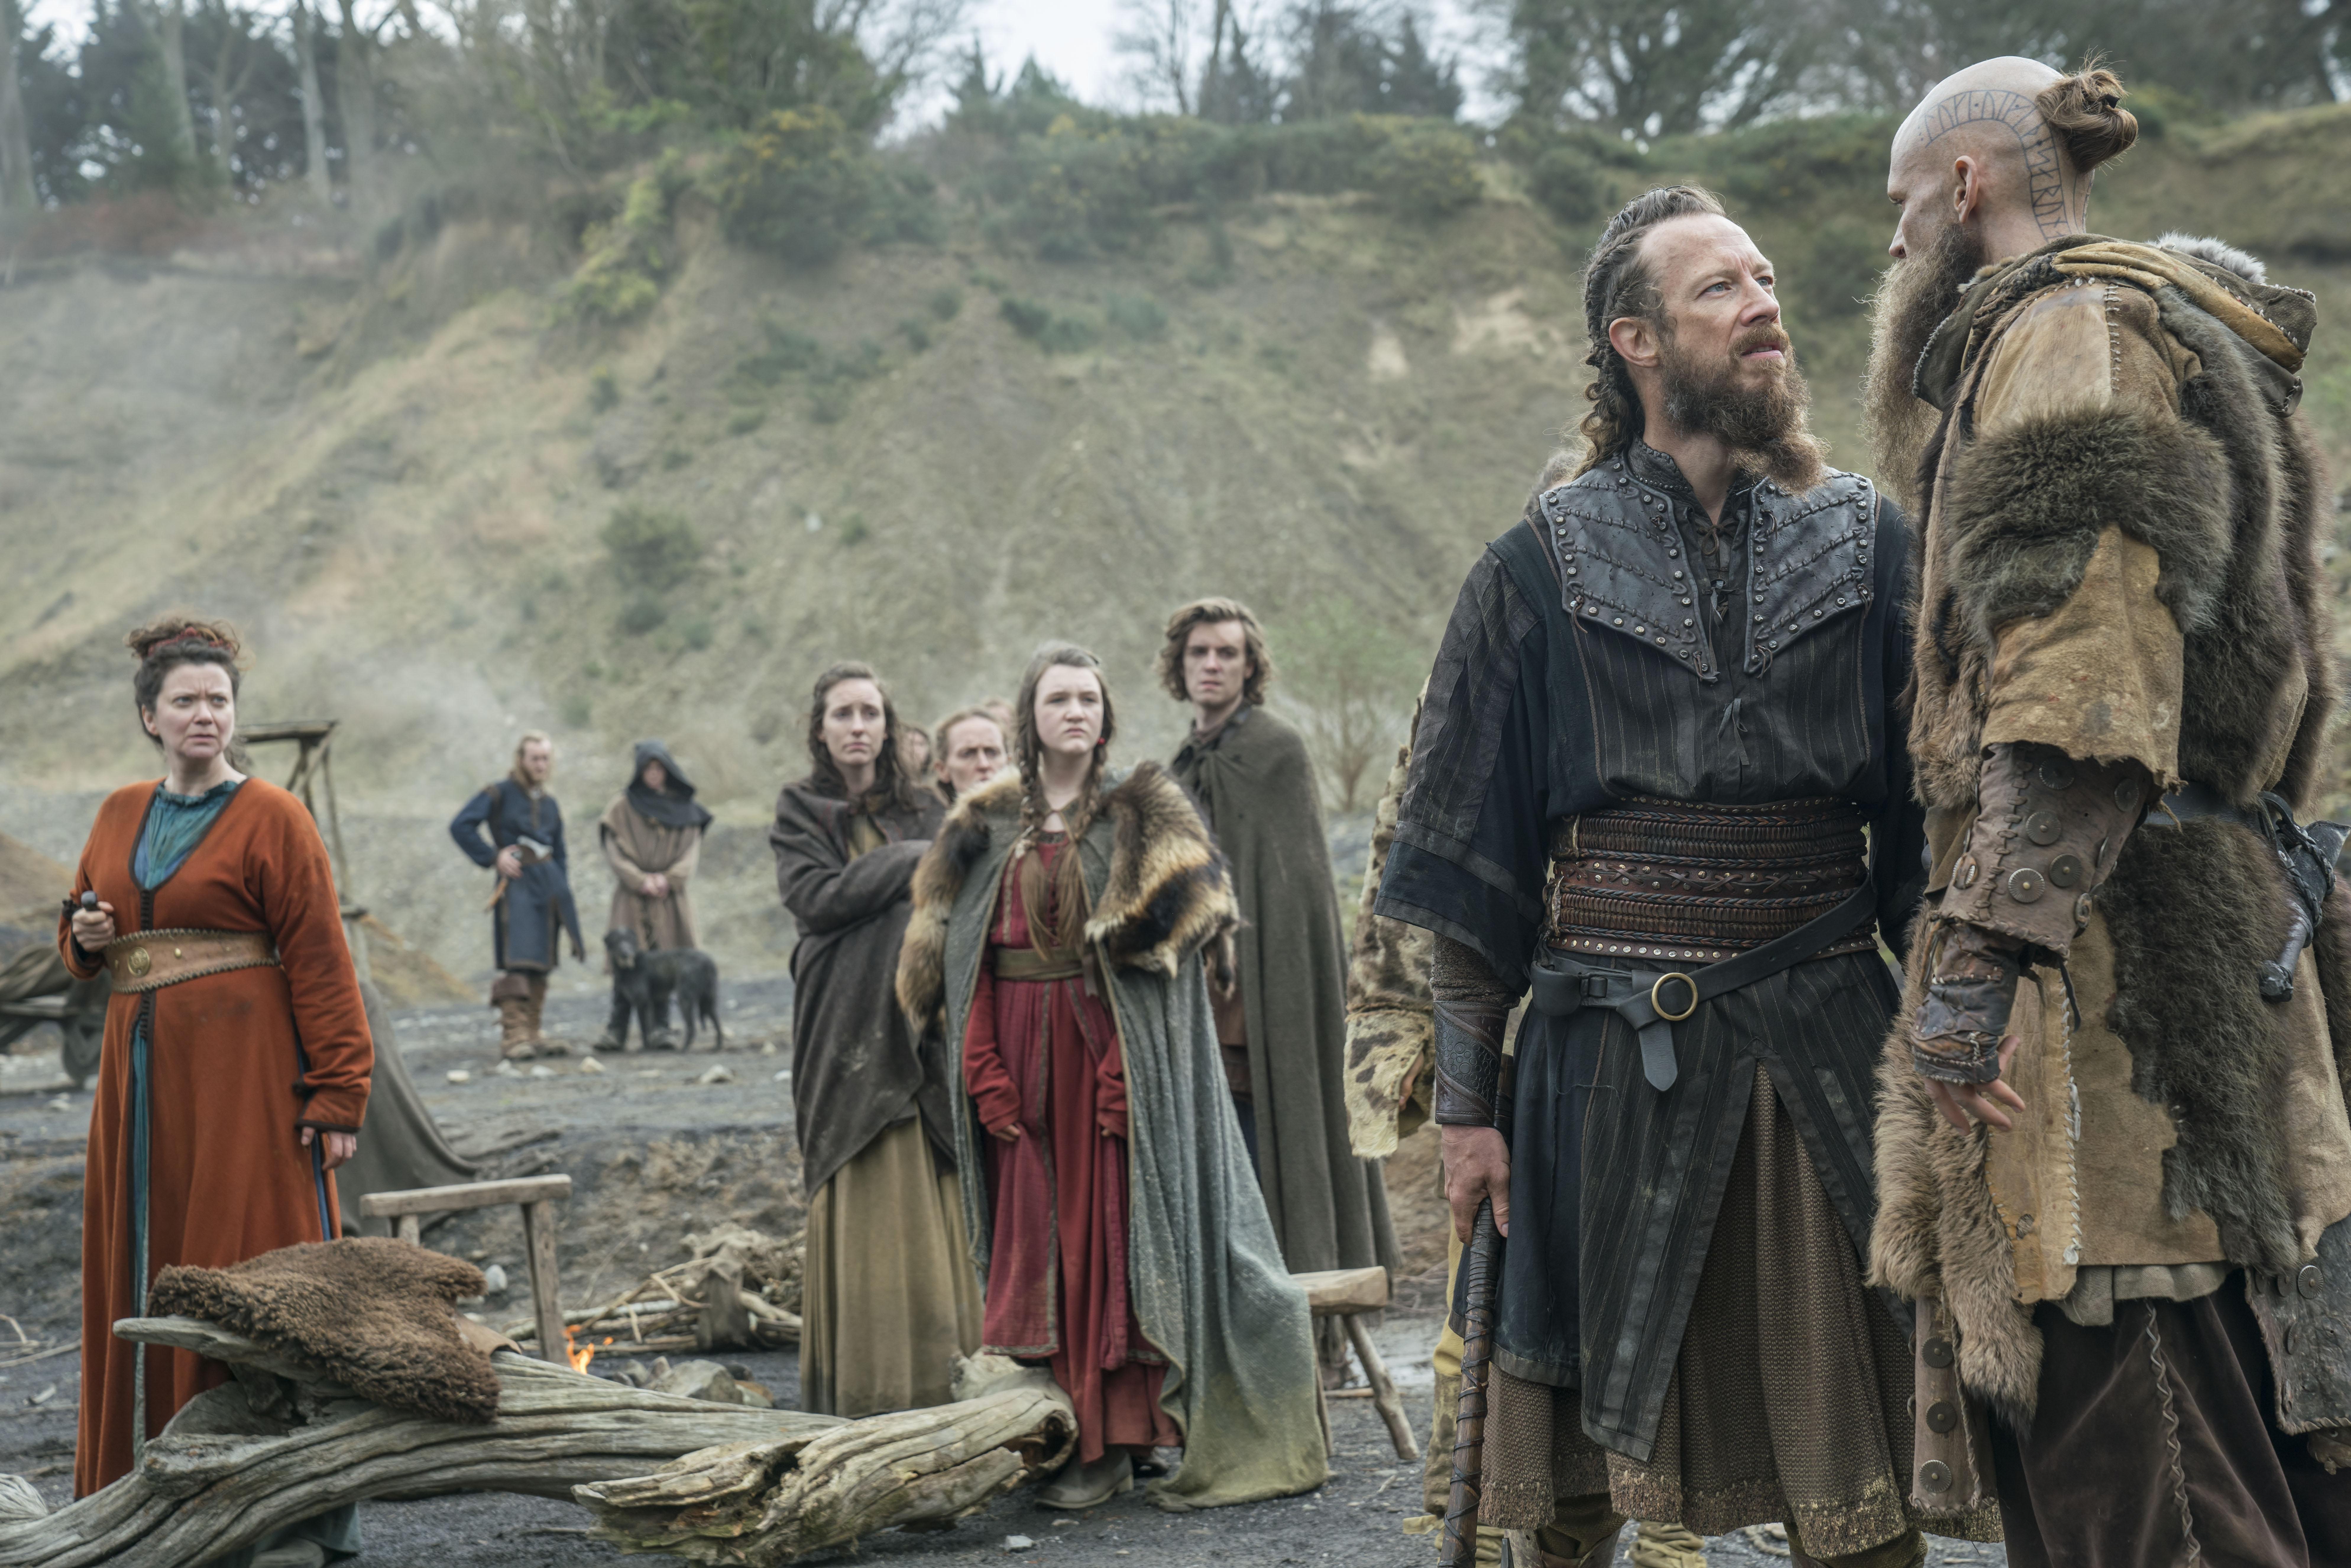 Vikings recap: [Spoiler] dies and Floki makes a decision